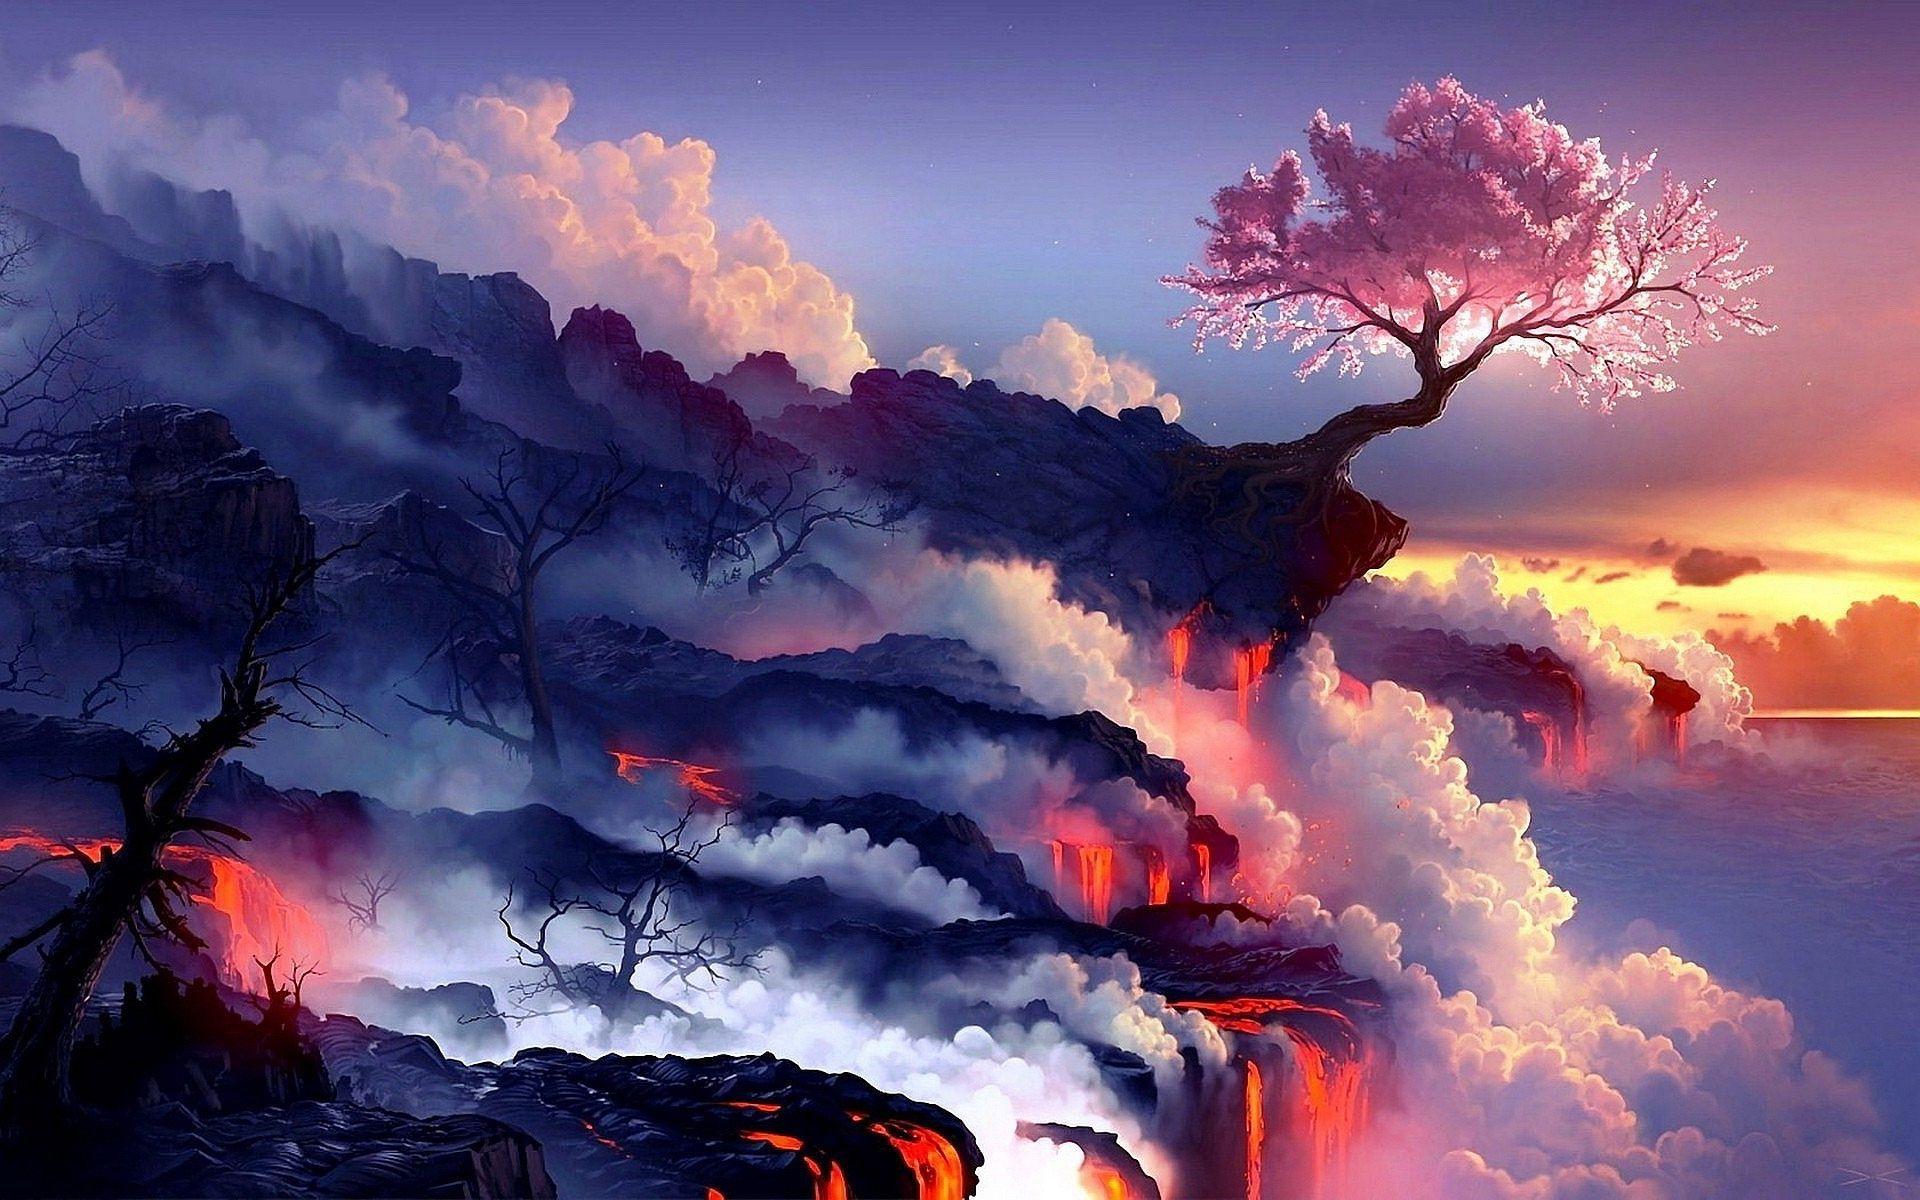 Desktop Wallpaper 4k Ultra Hd In 2020 Anime Scenery Wallpaper Scenery Wallpaper Fantasy Landscape